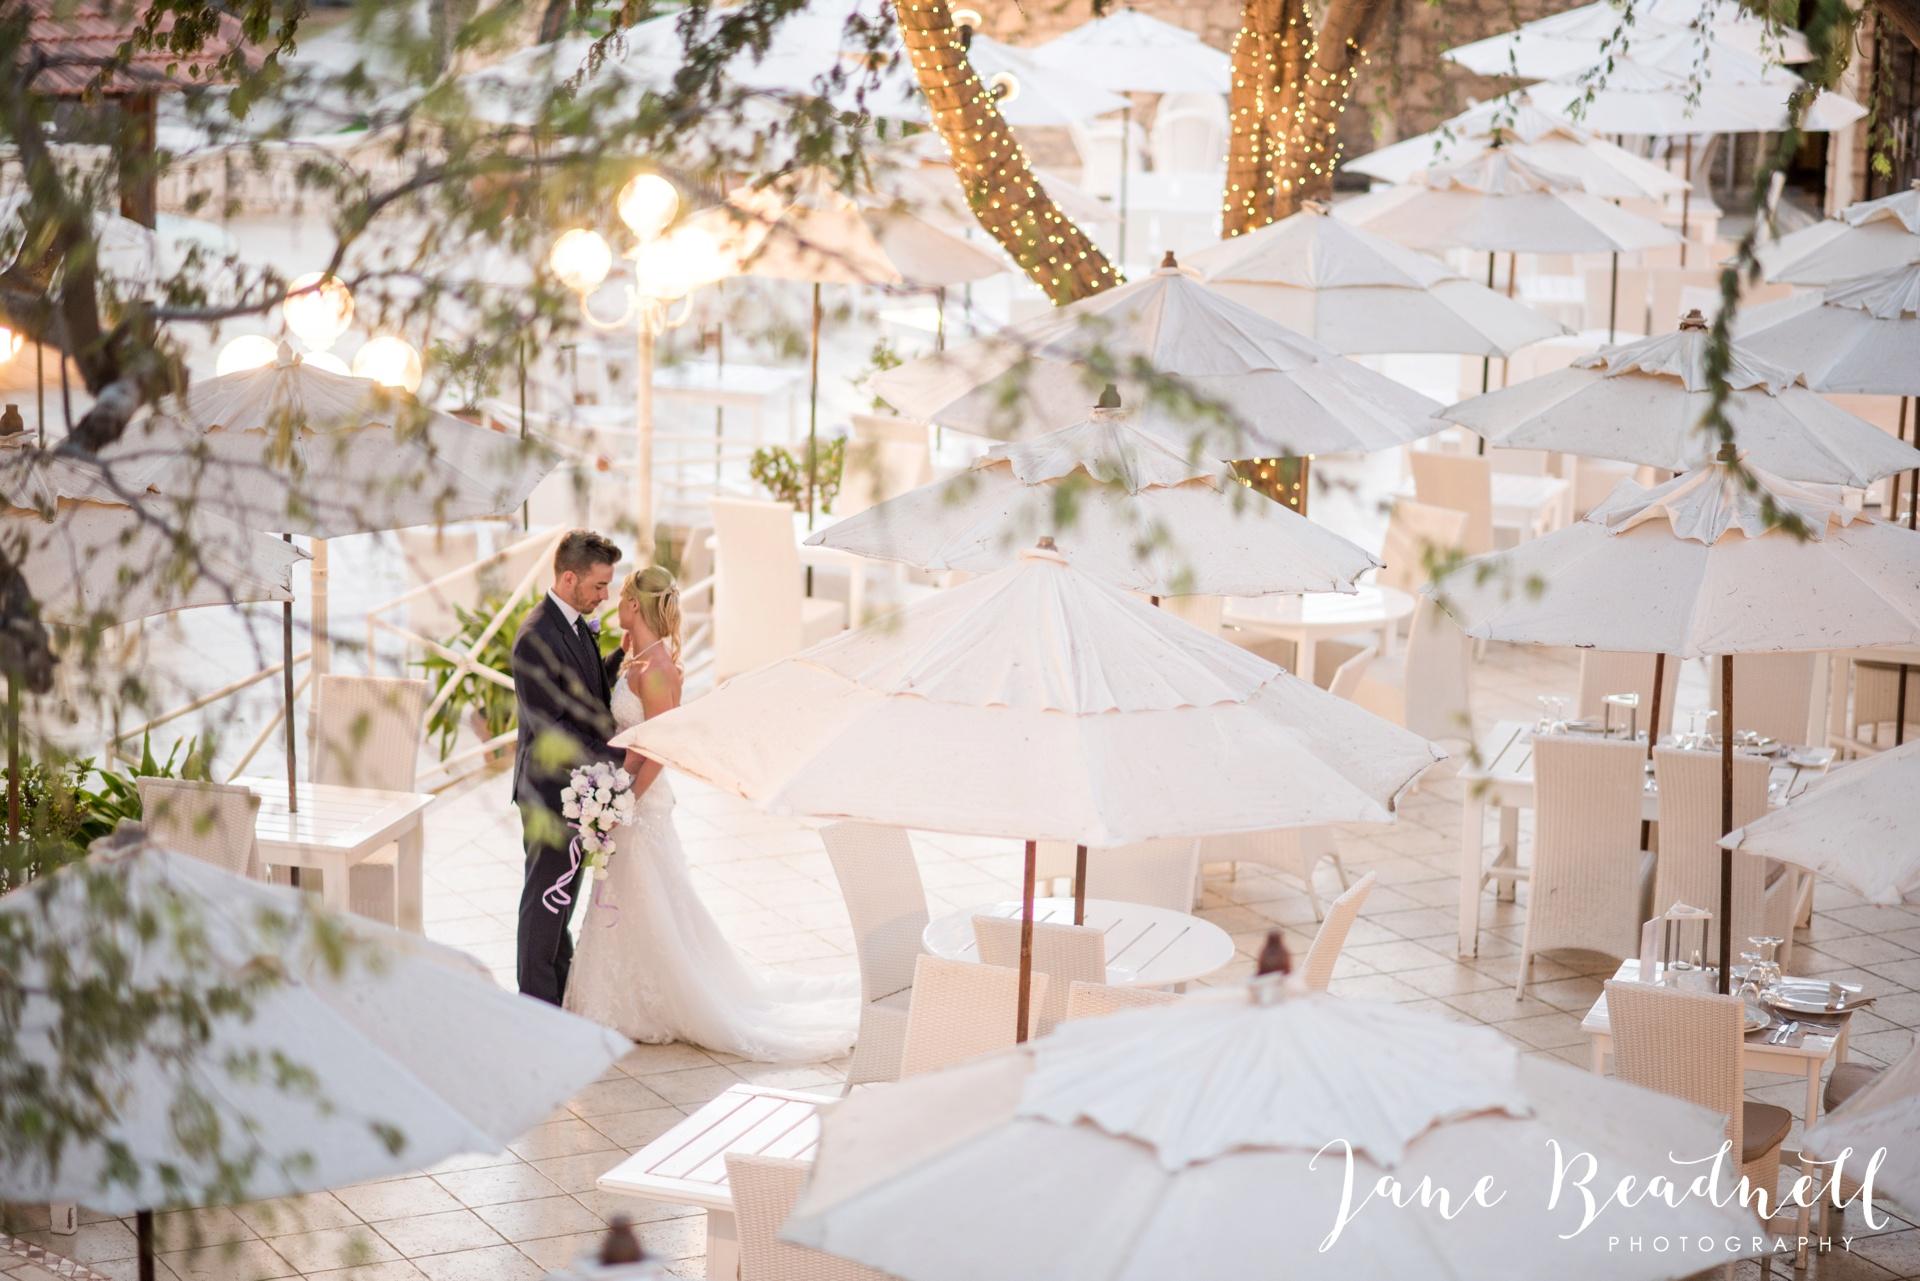 Jane Beadnell fine art wedding photographer Leeds Destination wedding photographer_0037